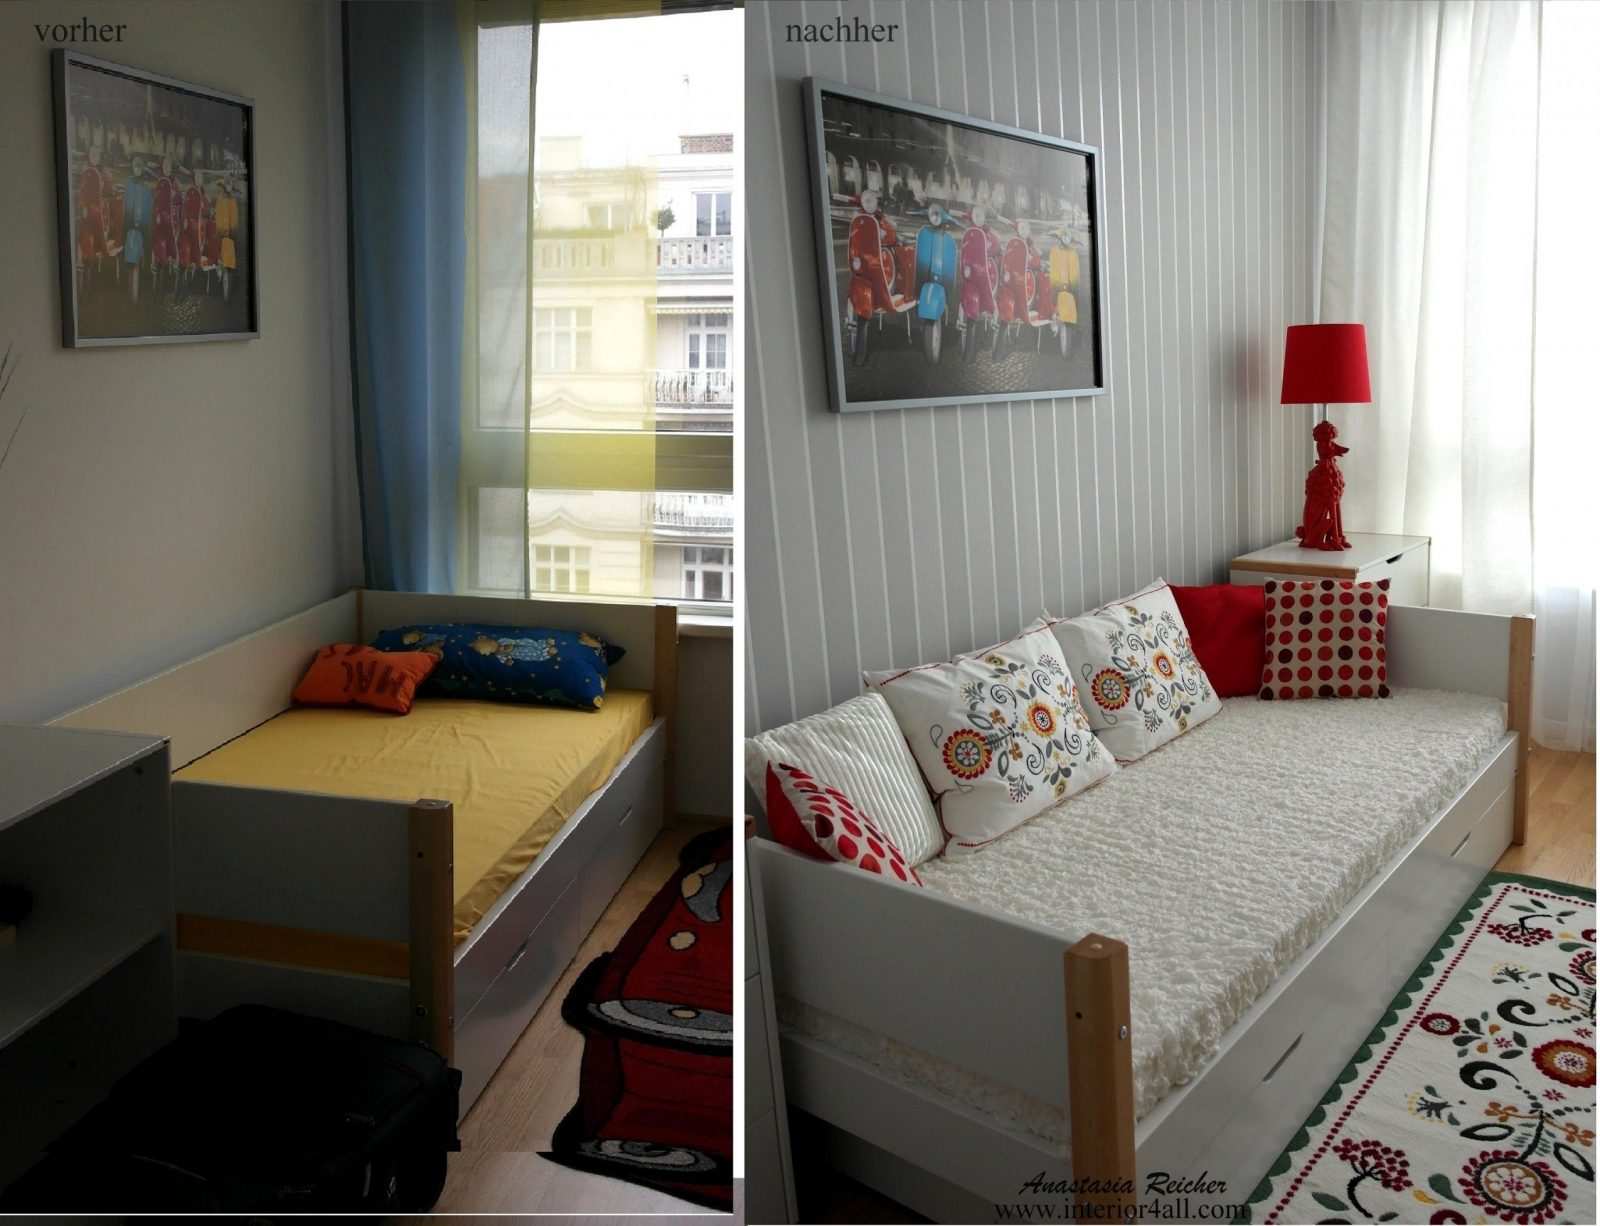 Ideen Für Kleine Räume Fernen Auf Wohnzimmer Mit Kinderzimmer von Schlafzimmer Einrichten Kleiner Raum Photo